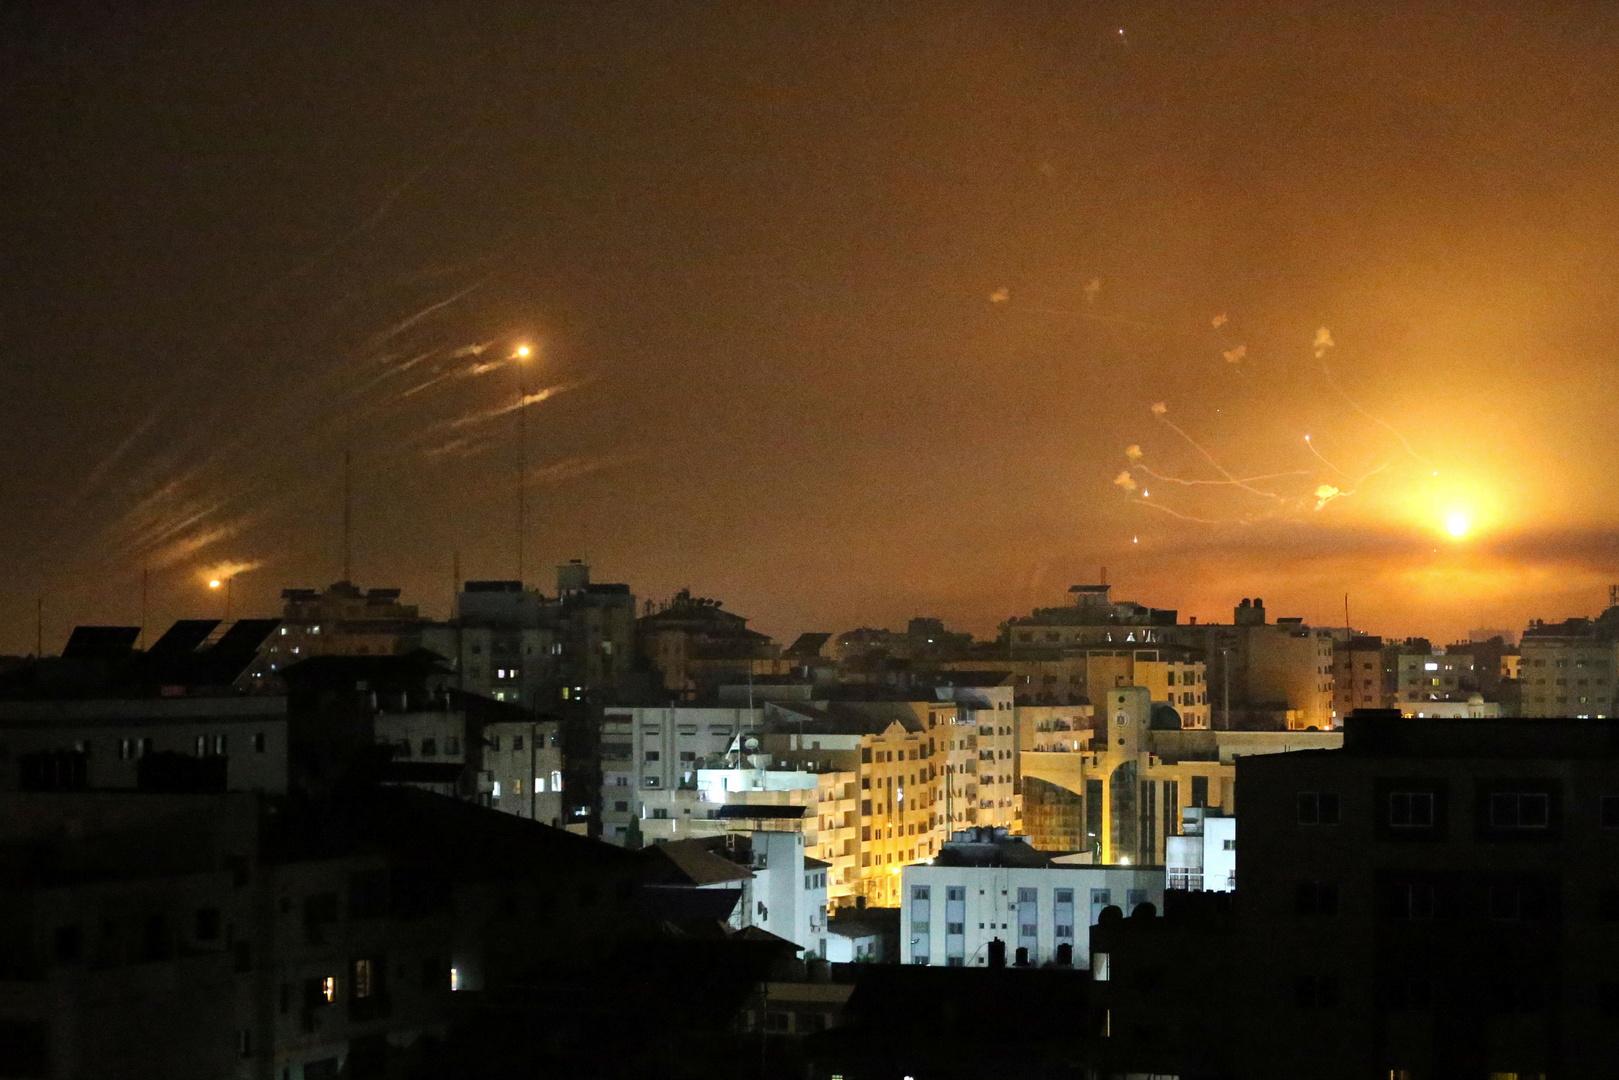 تضرر مدارس جراء القصف الإسرائيلي المتواصل على غزة